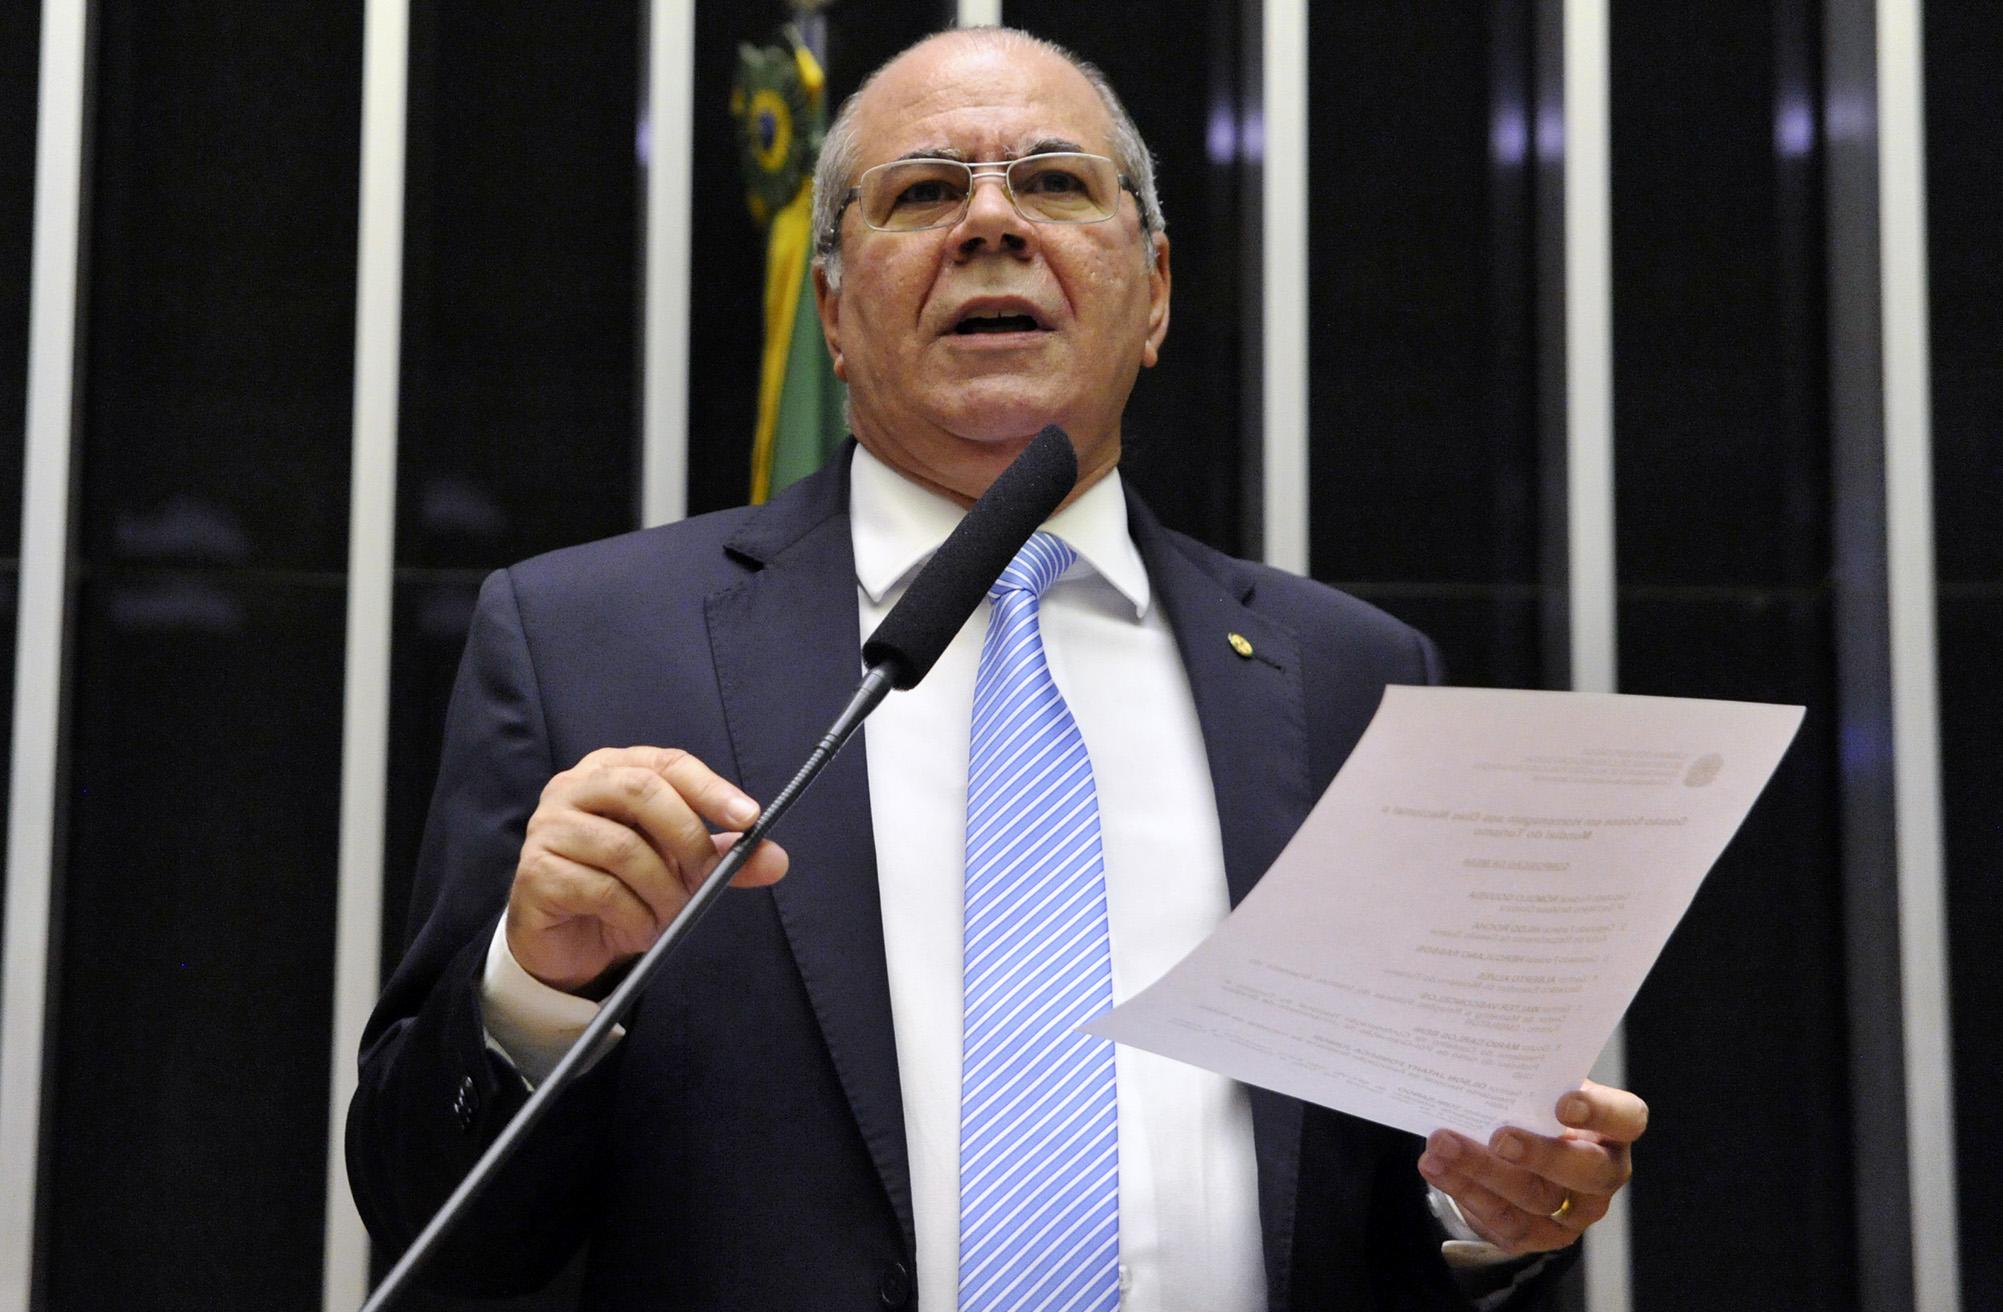 Homenagem ao Dia Nacional e Mundial do Turismo. Dep. Hildo Rocha (PMDB - MA)